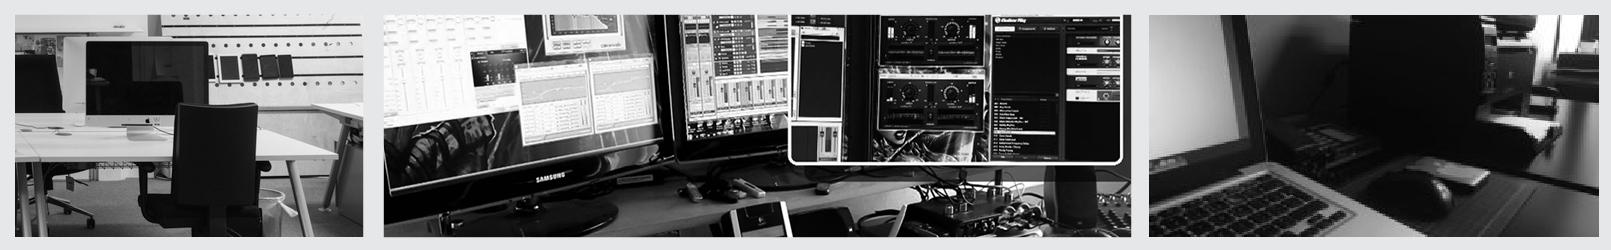 design_studio_lab_2